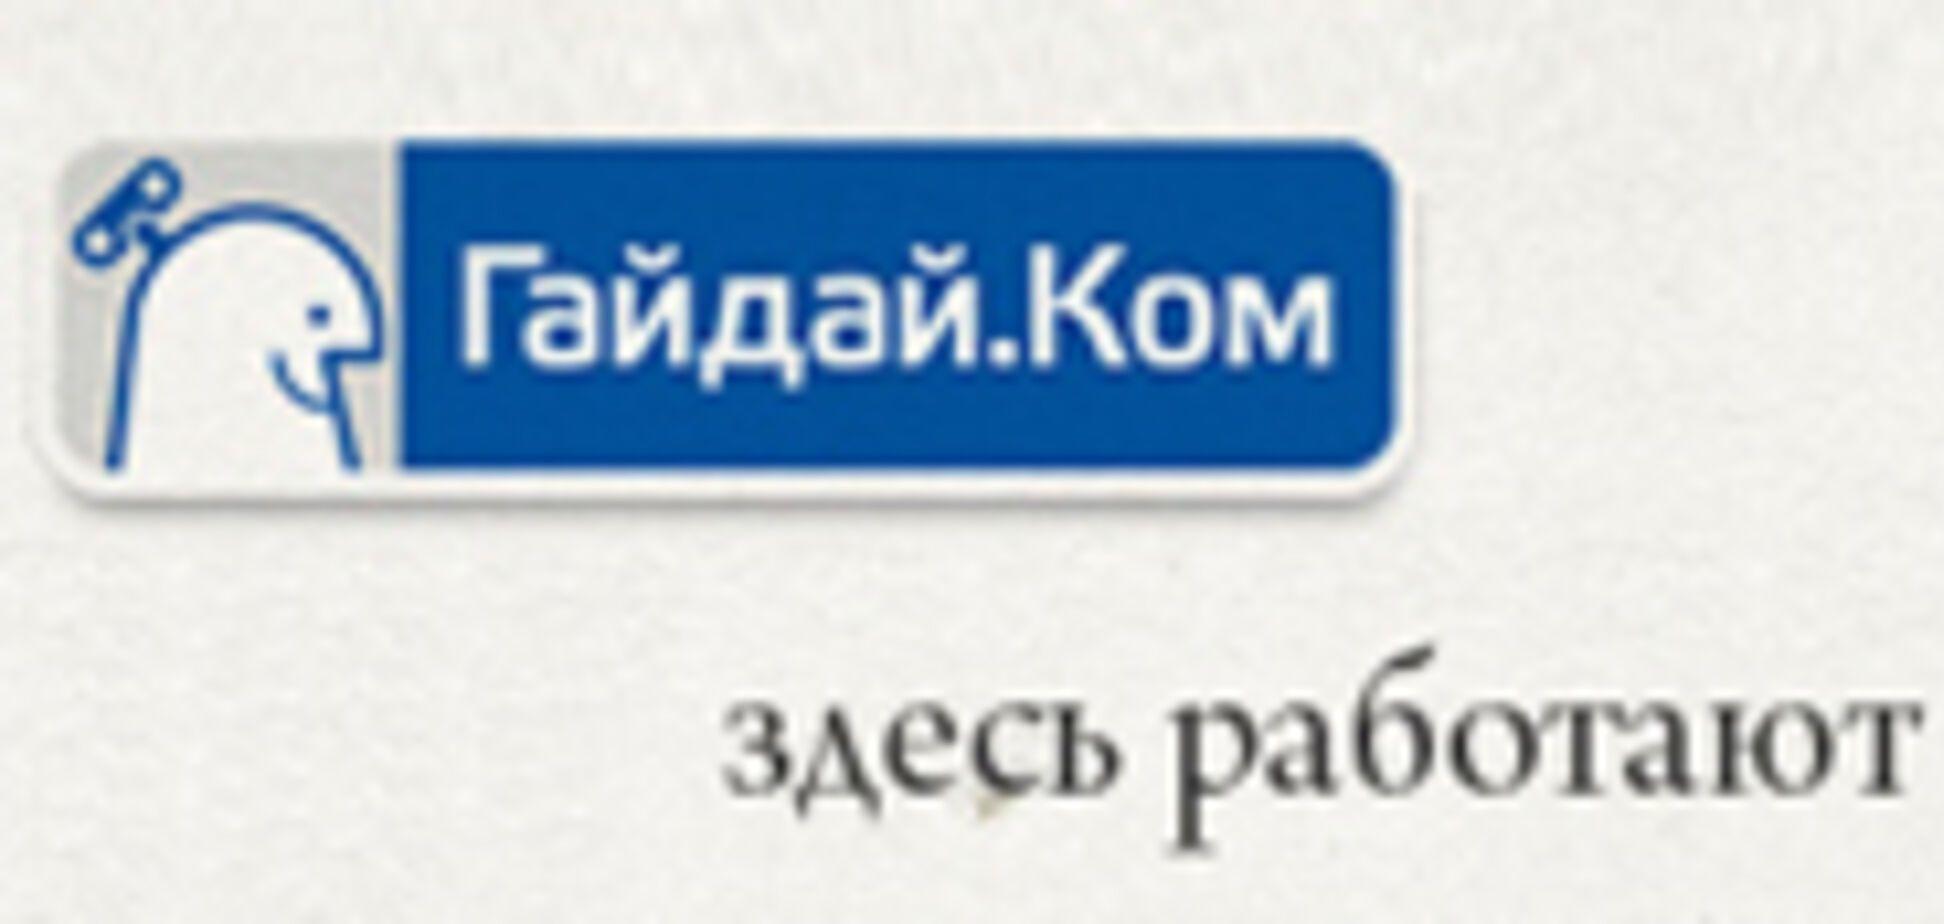 Скандал. На бігбордах Ющенко - липові агітатори?